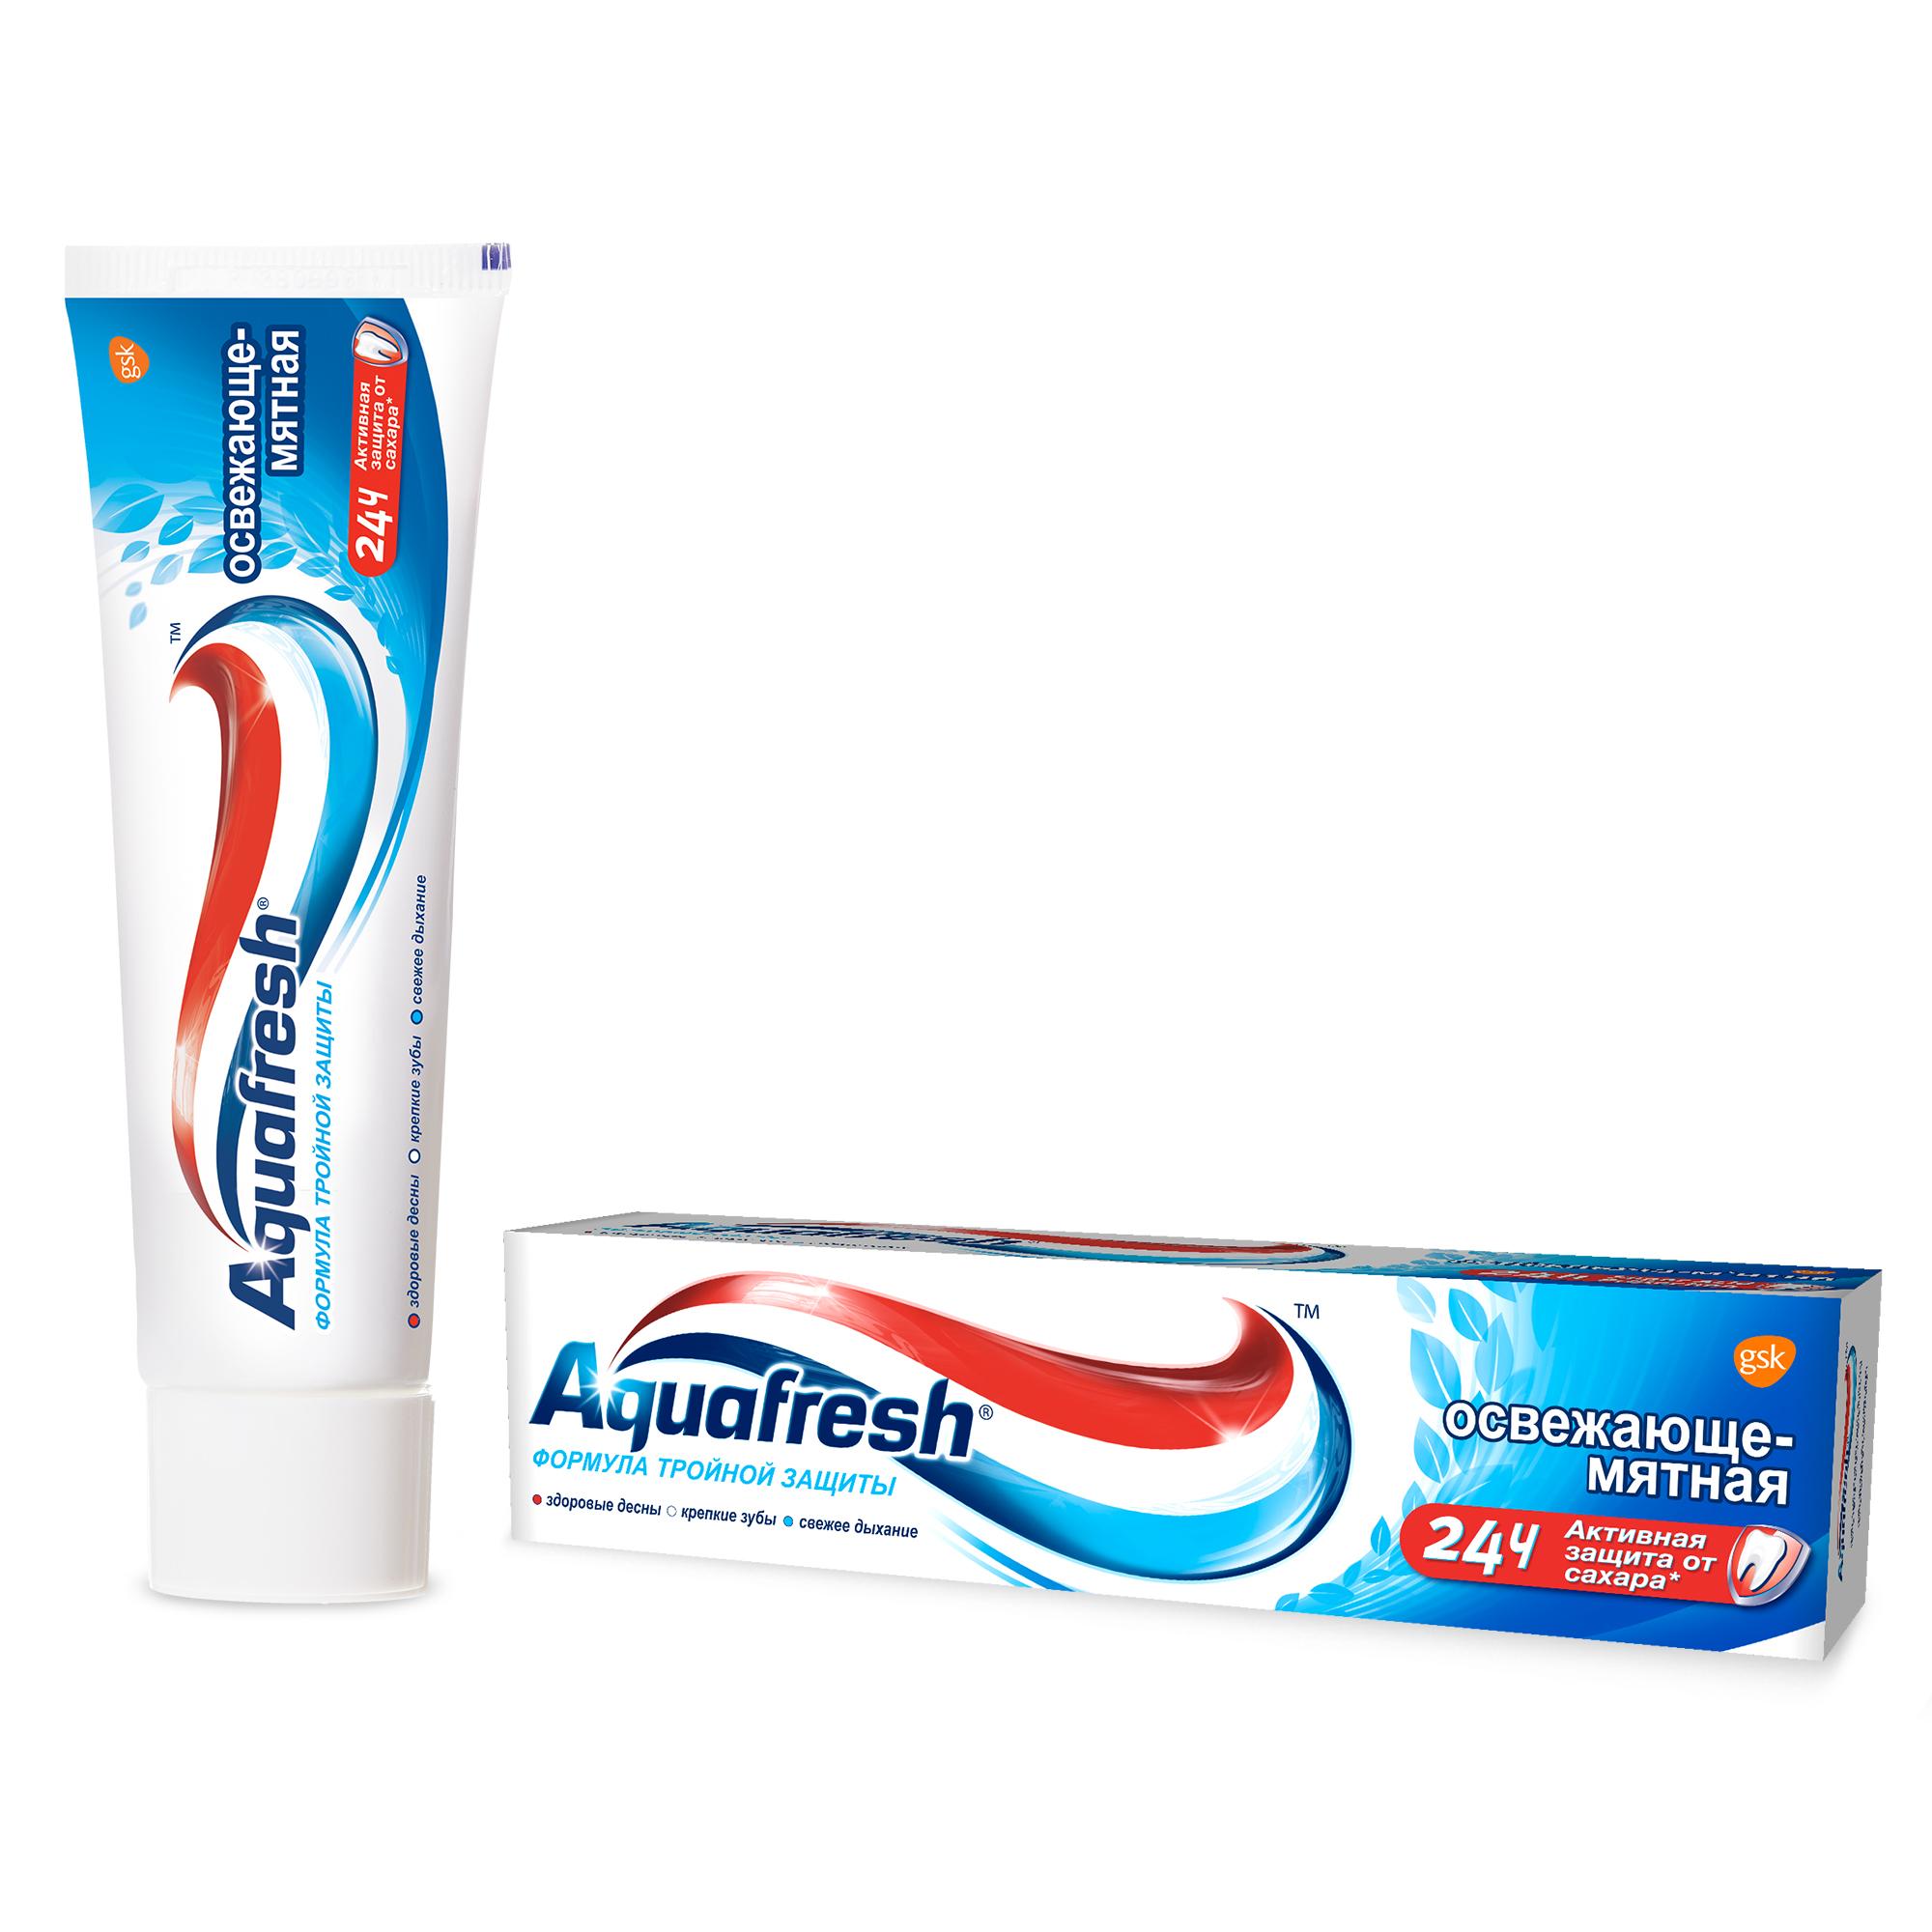 Зубная паста Aquafresh Тройная защита Освежающе-мятная, 50 мл